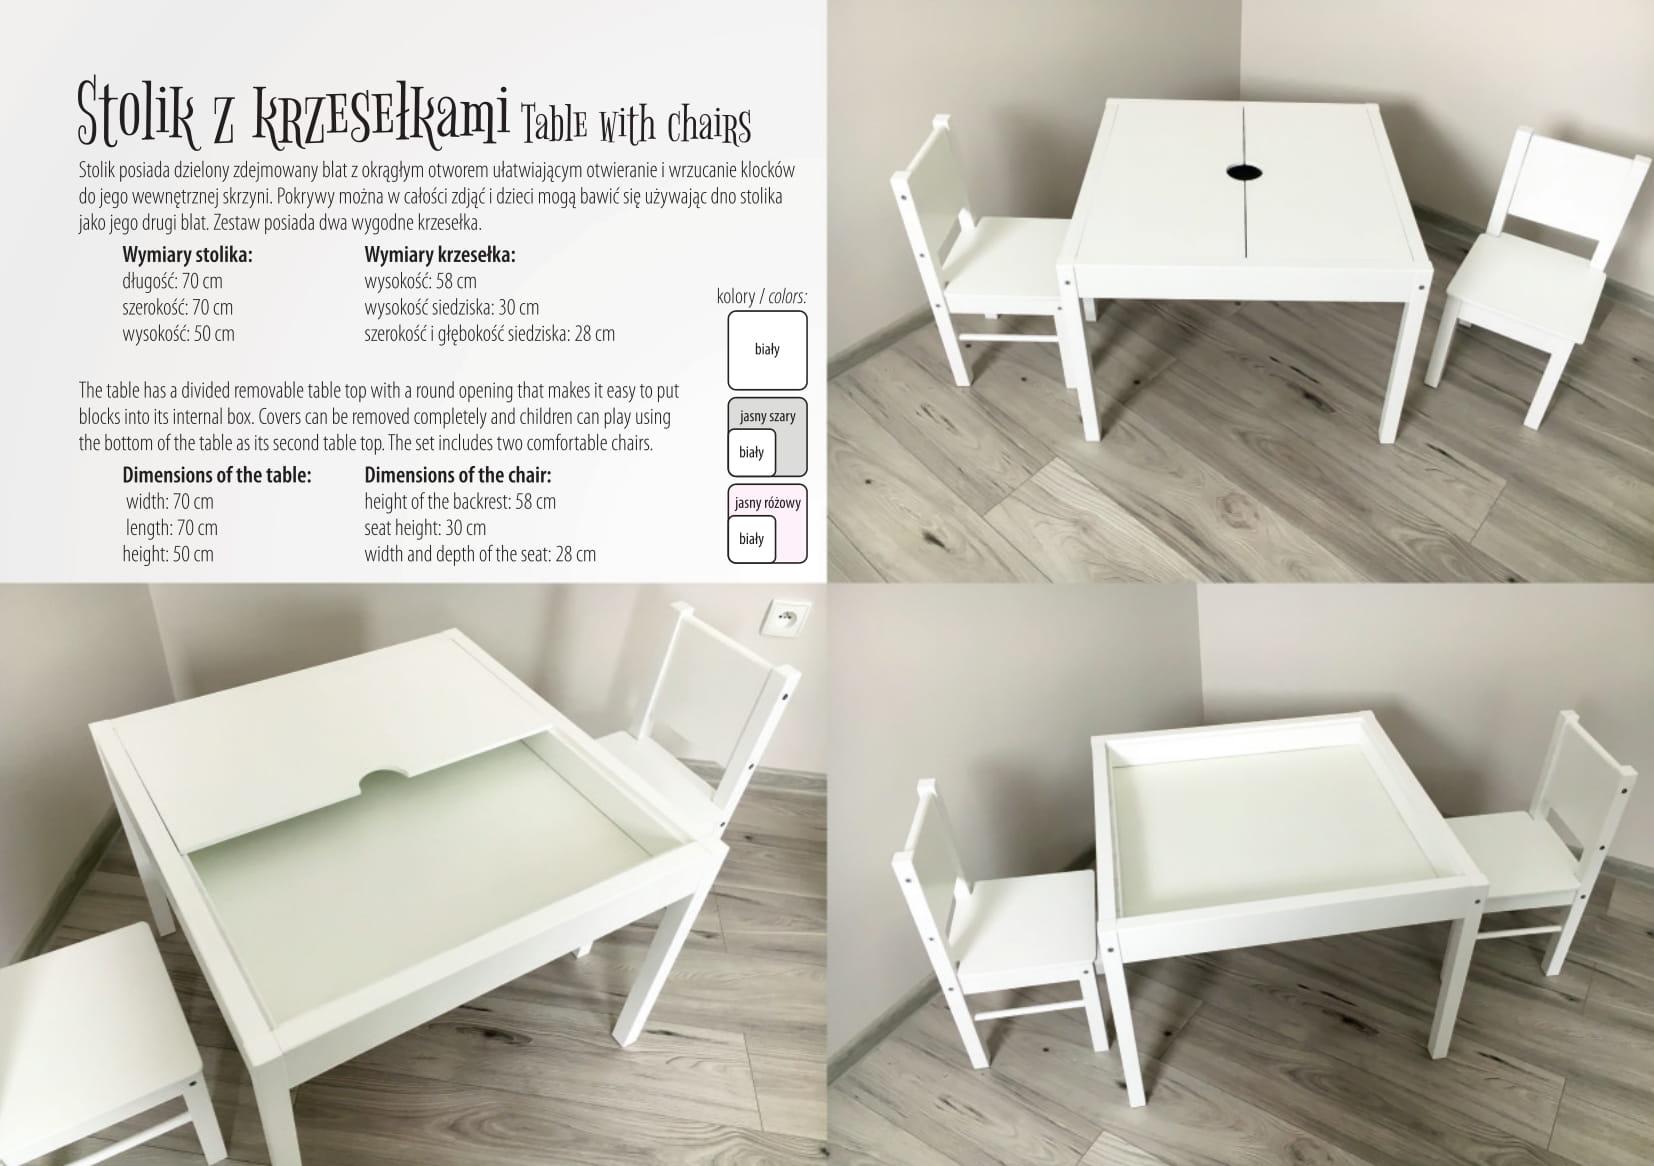 Drewex 2 krzesełka biały jasny niebieski